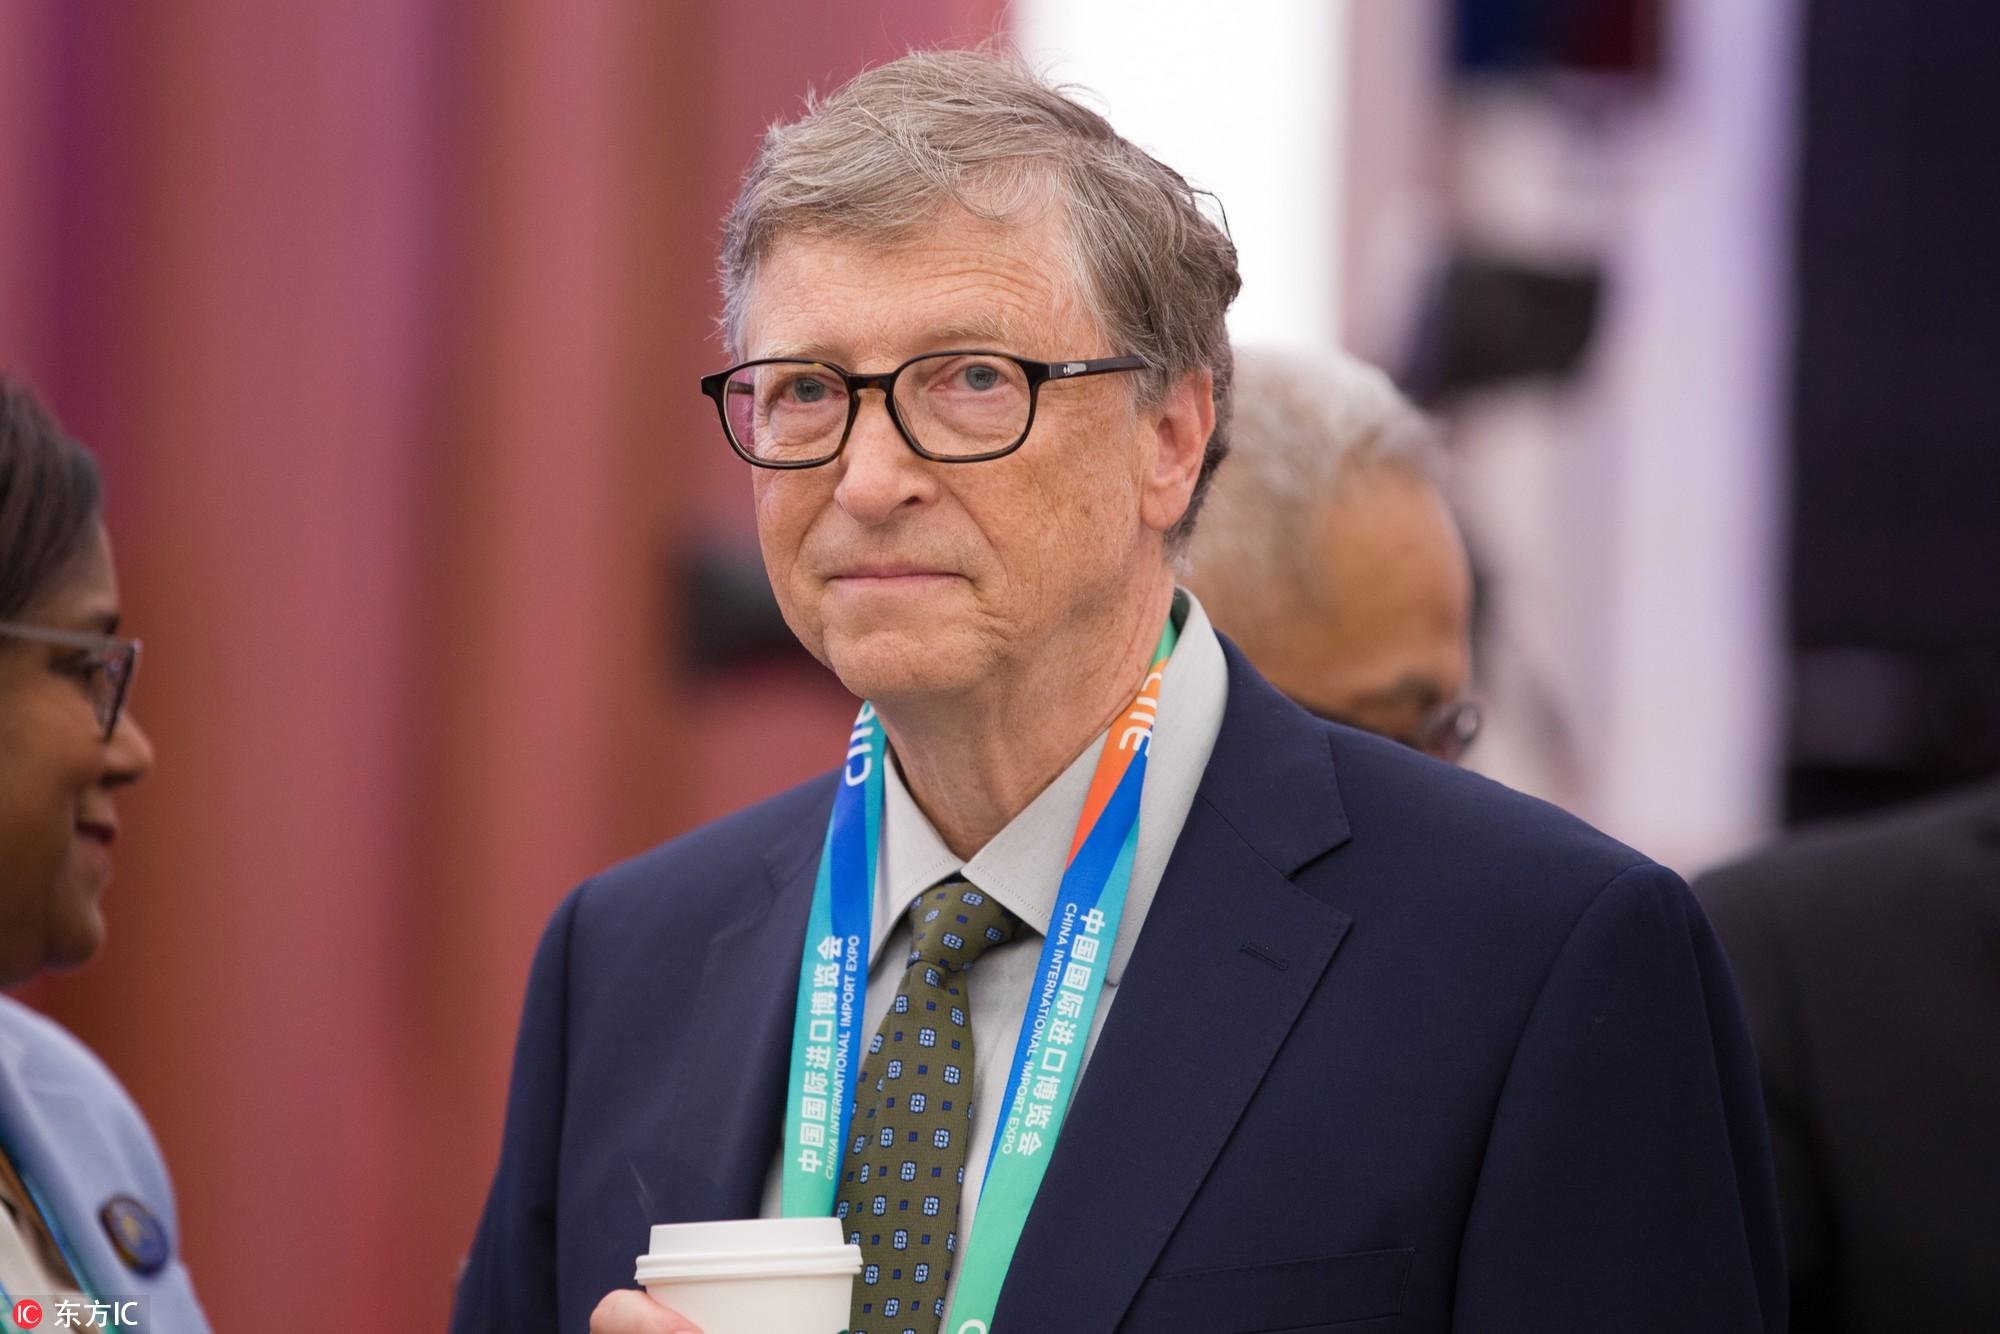 比尔盖茨与谷歌研讨人工智能与医学应用